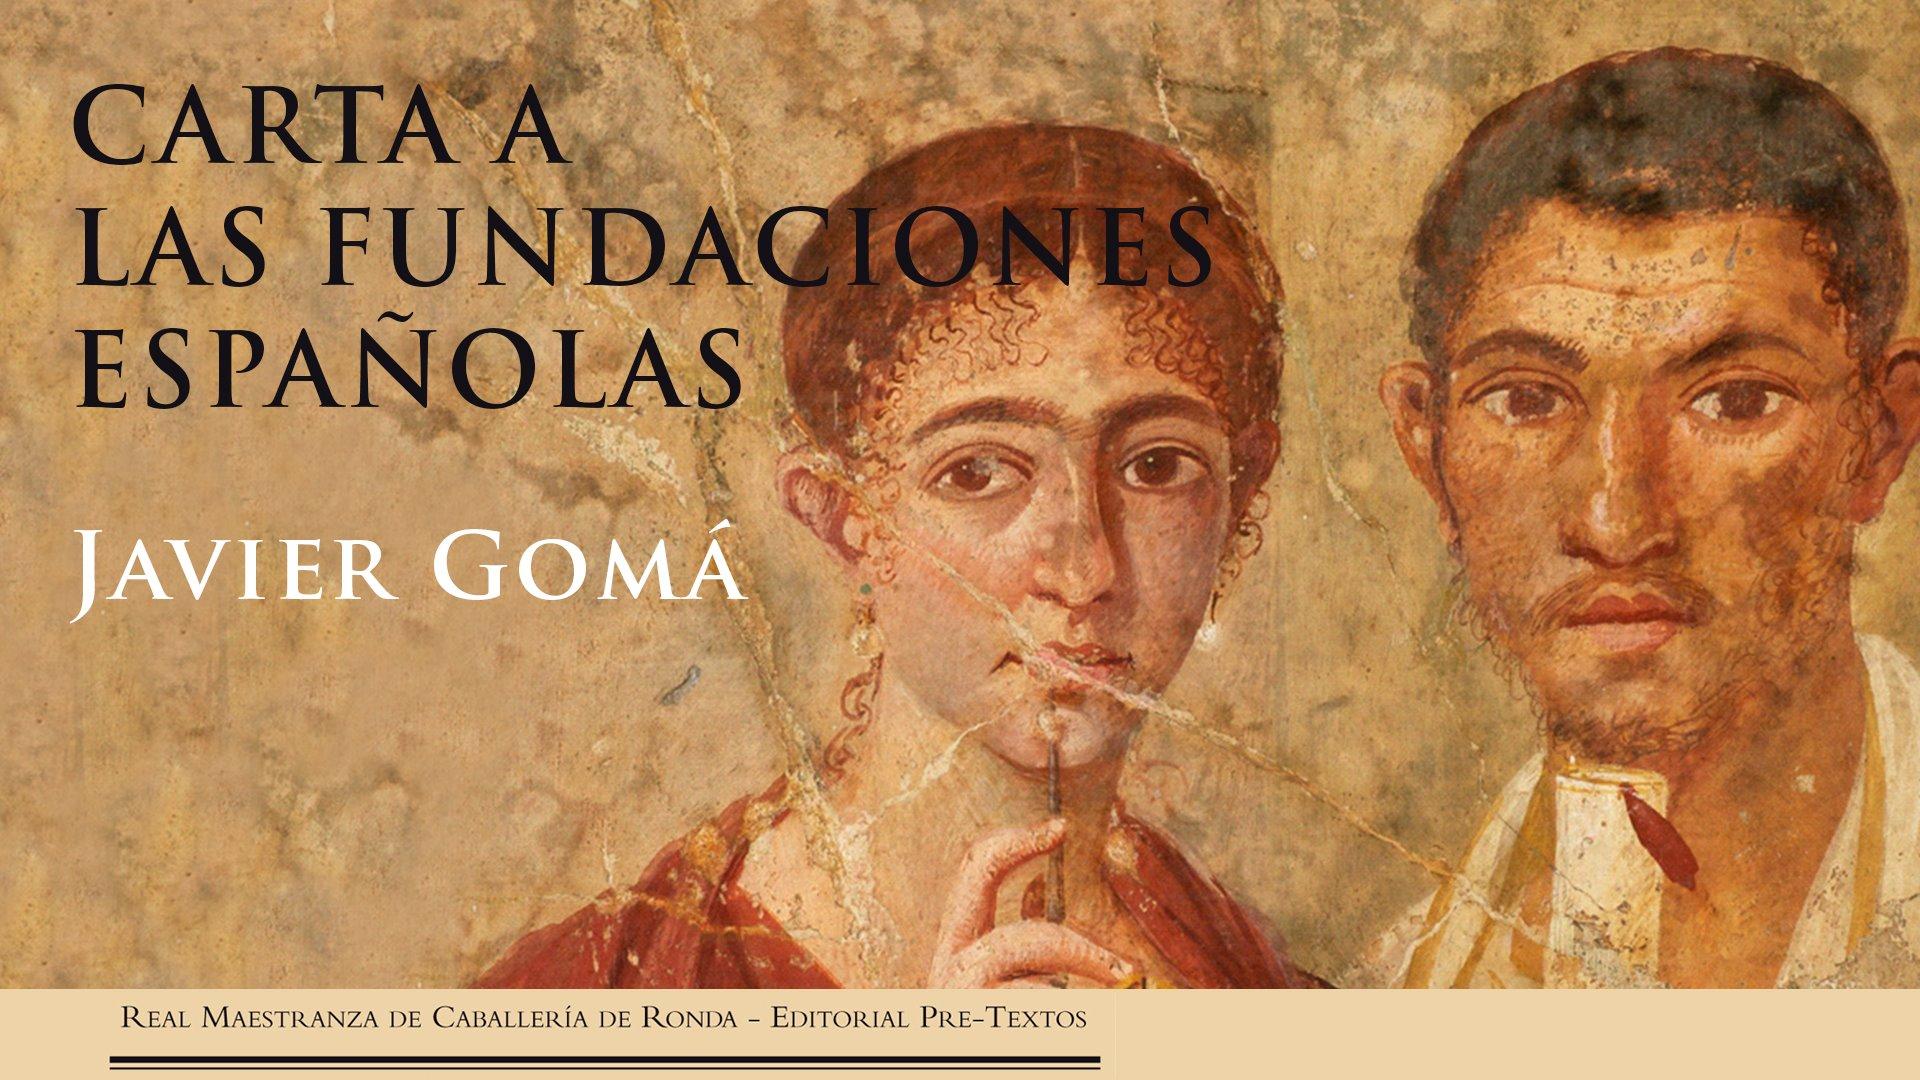 """Presentation of the book """"Carta a las fundaciones españolas"""" by Javier Gomá"""